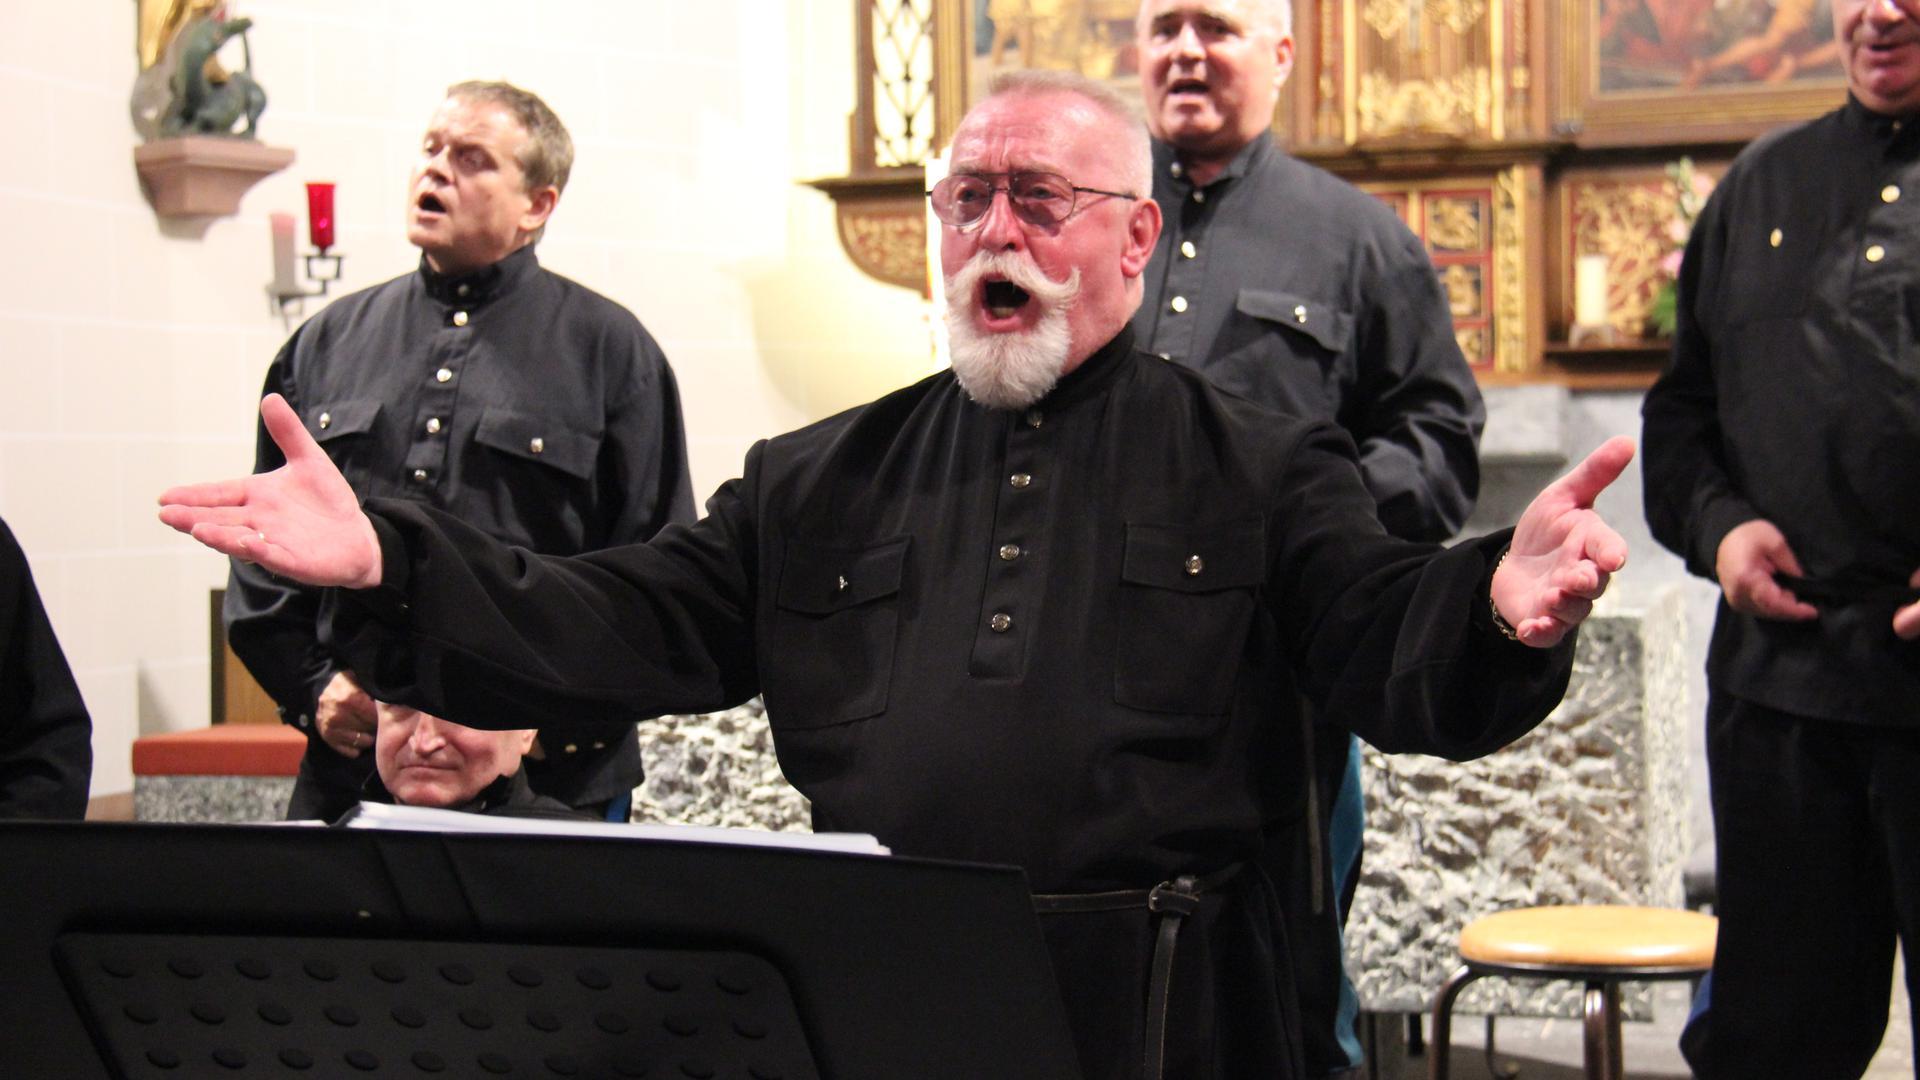 Hans Denk steht als Solist auf der Bühne und singt.